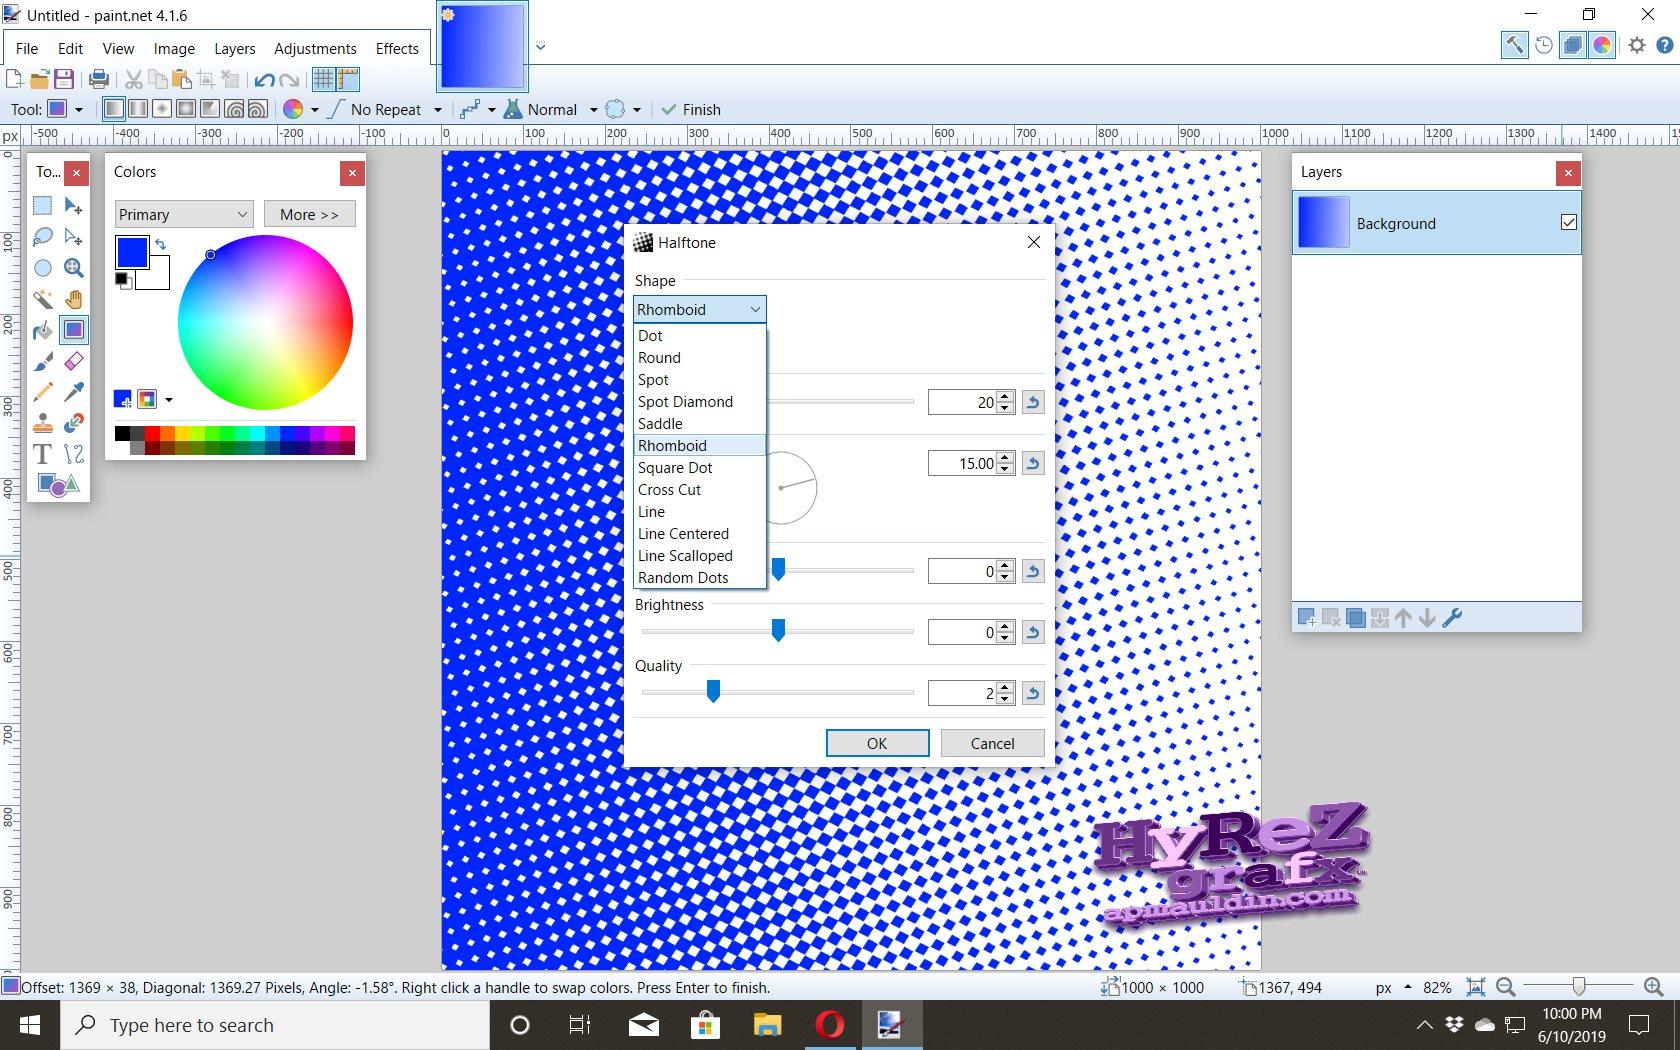 Rhomboid.jpg